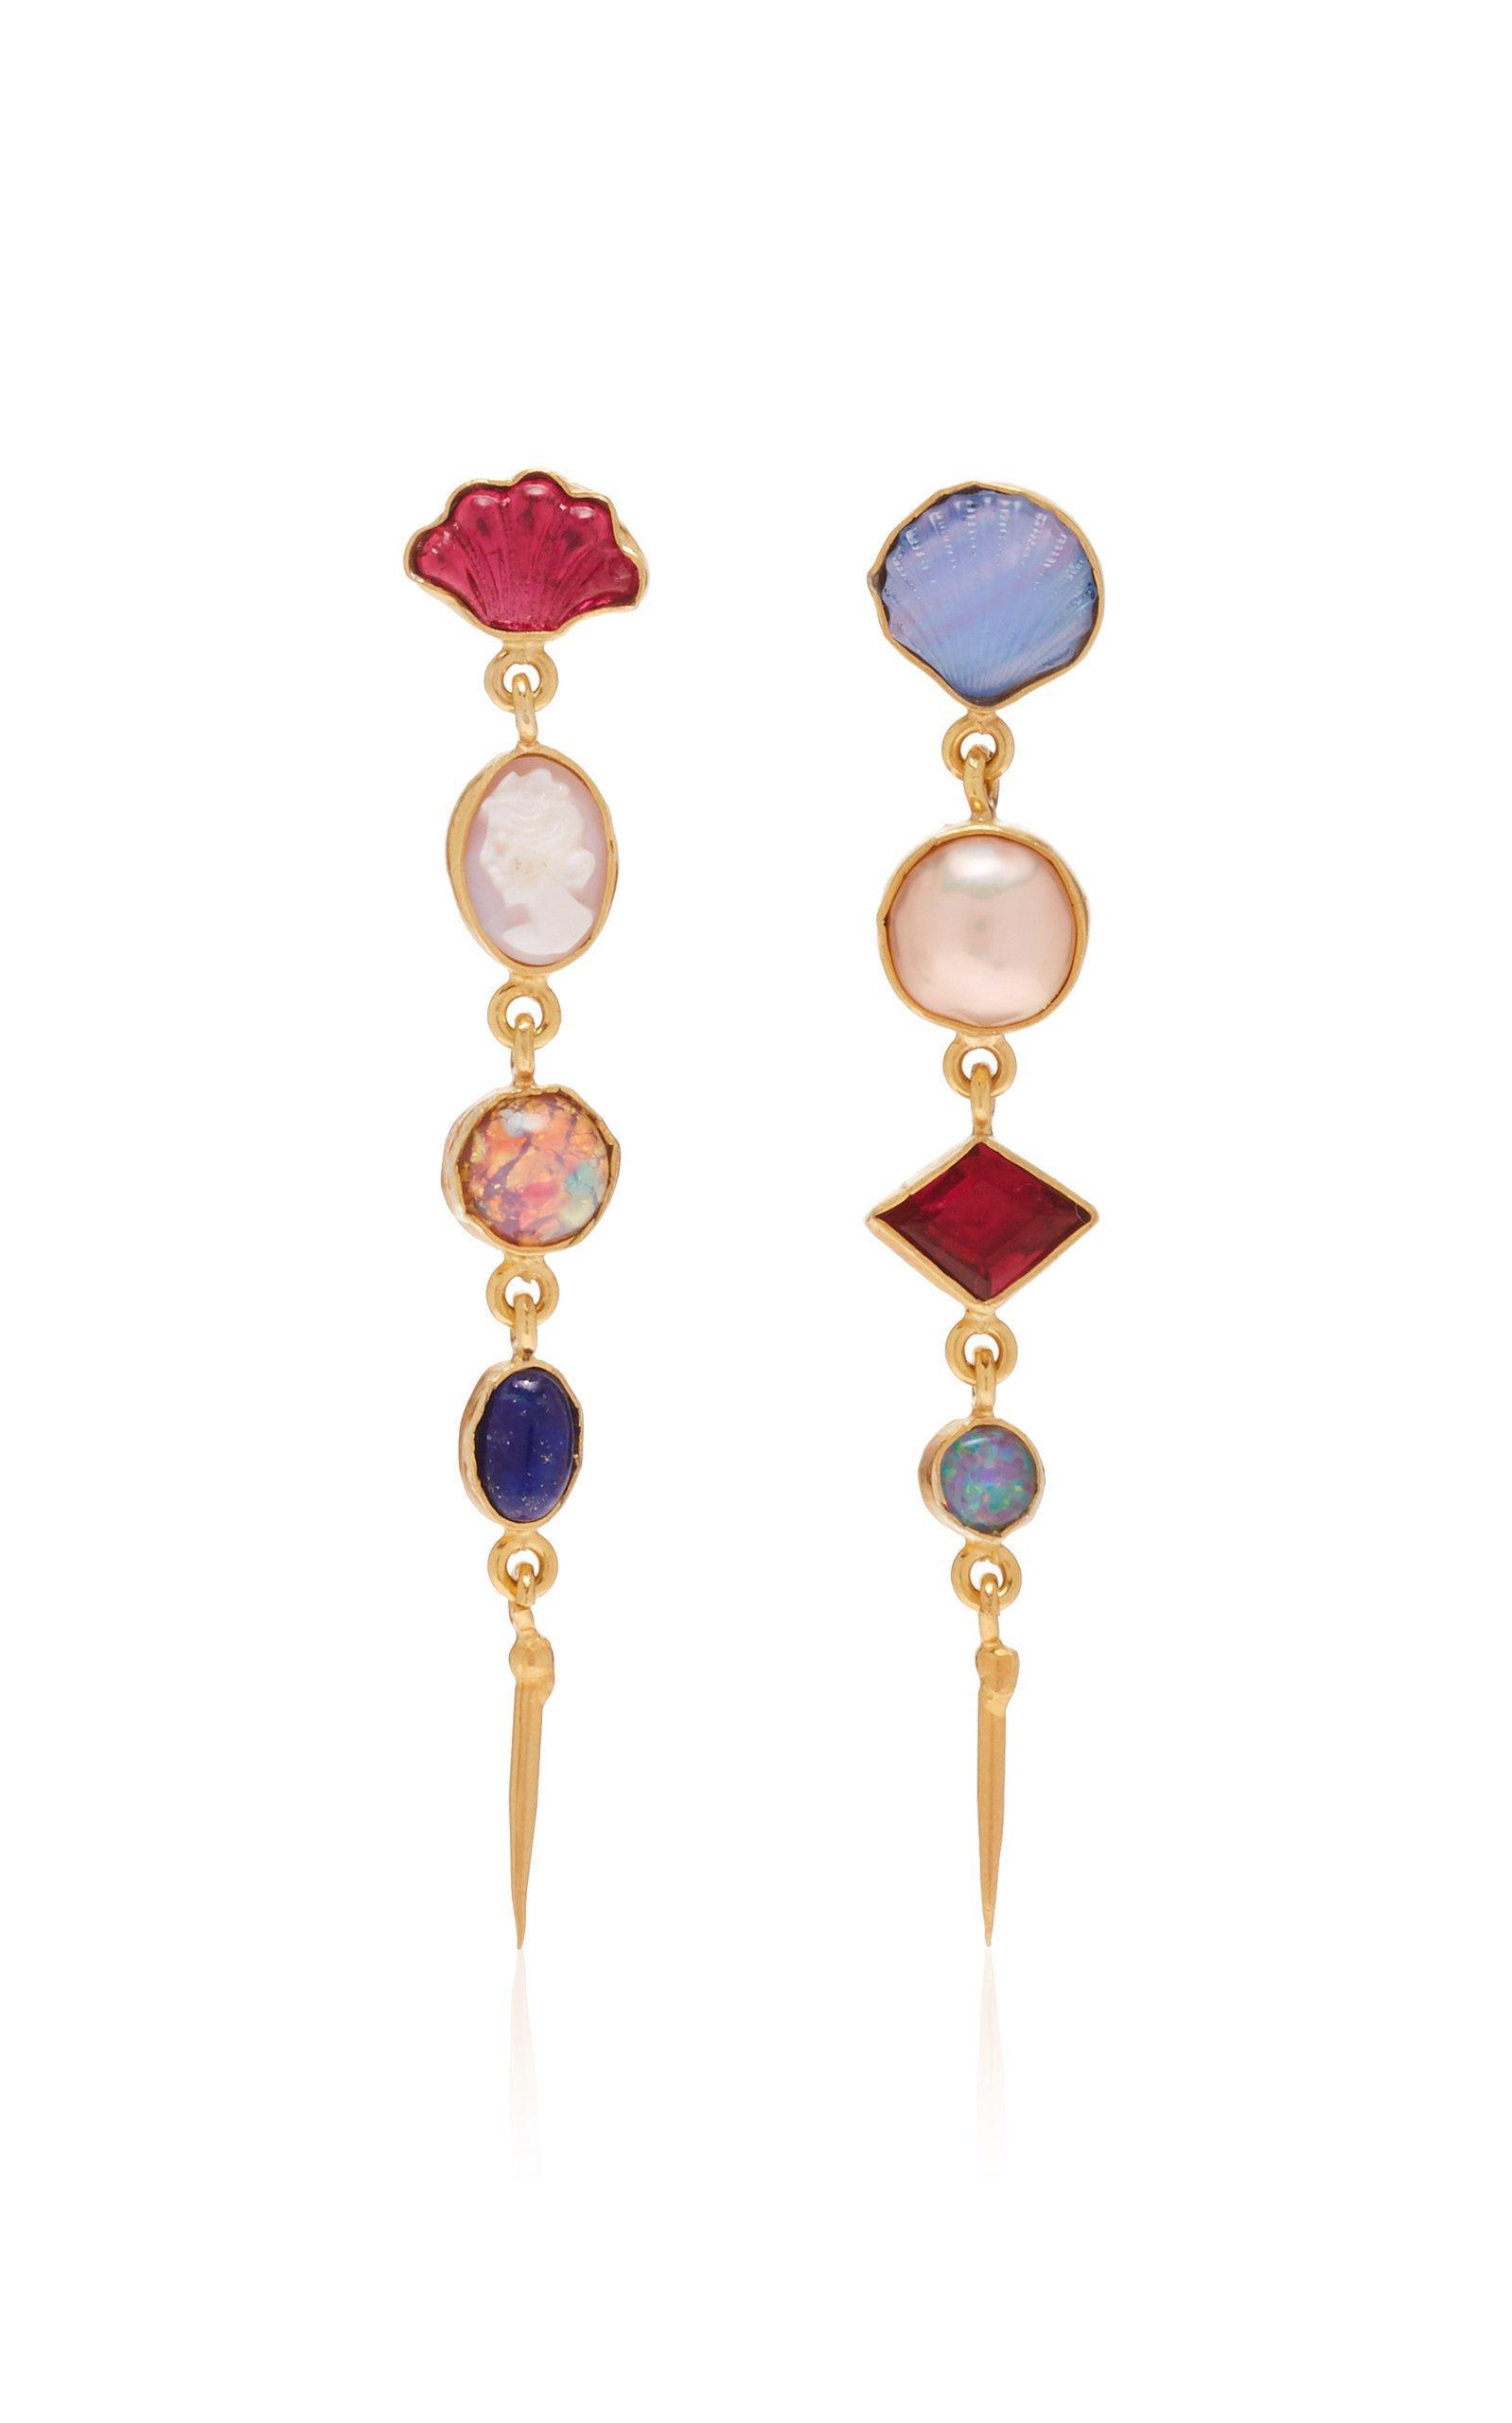 Grainne Morton Four Charm Victorian Drop Earrings